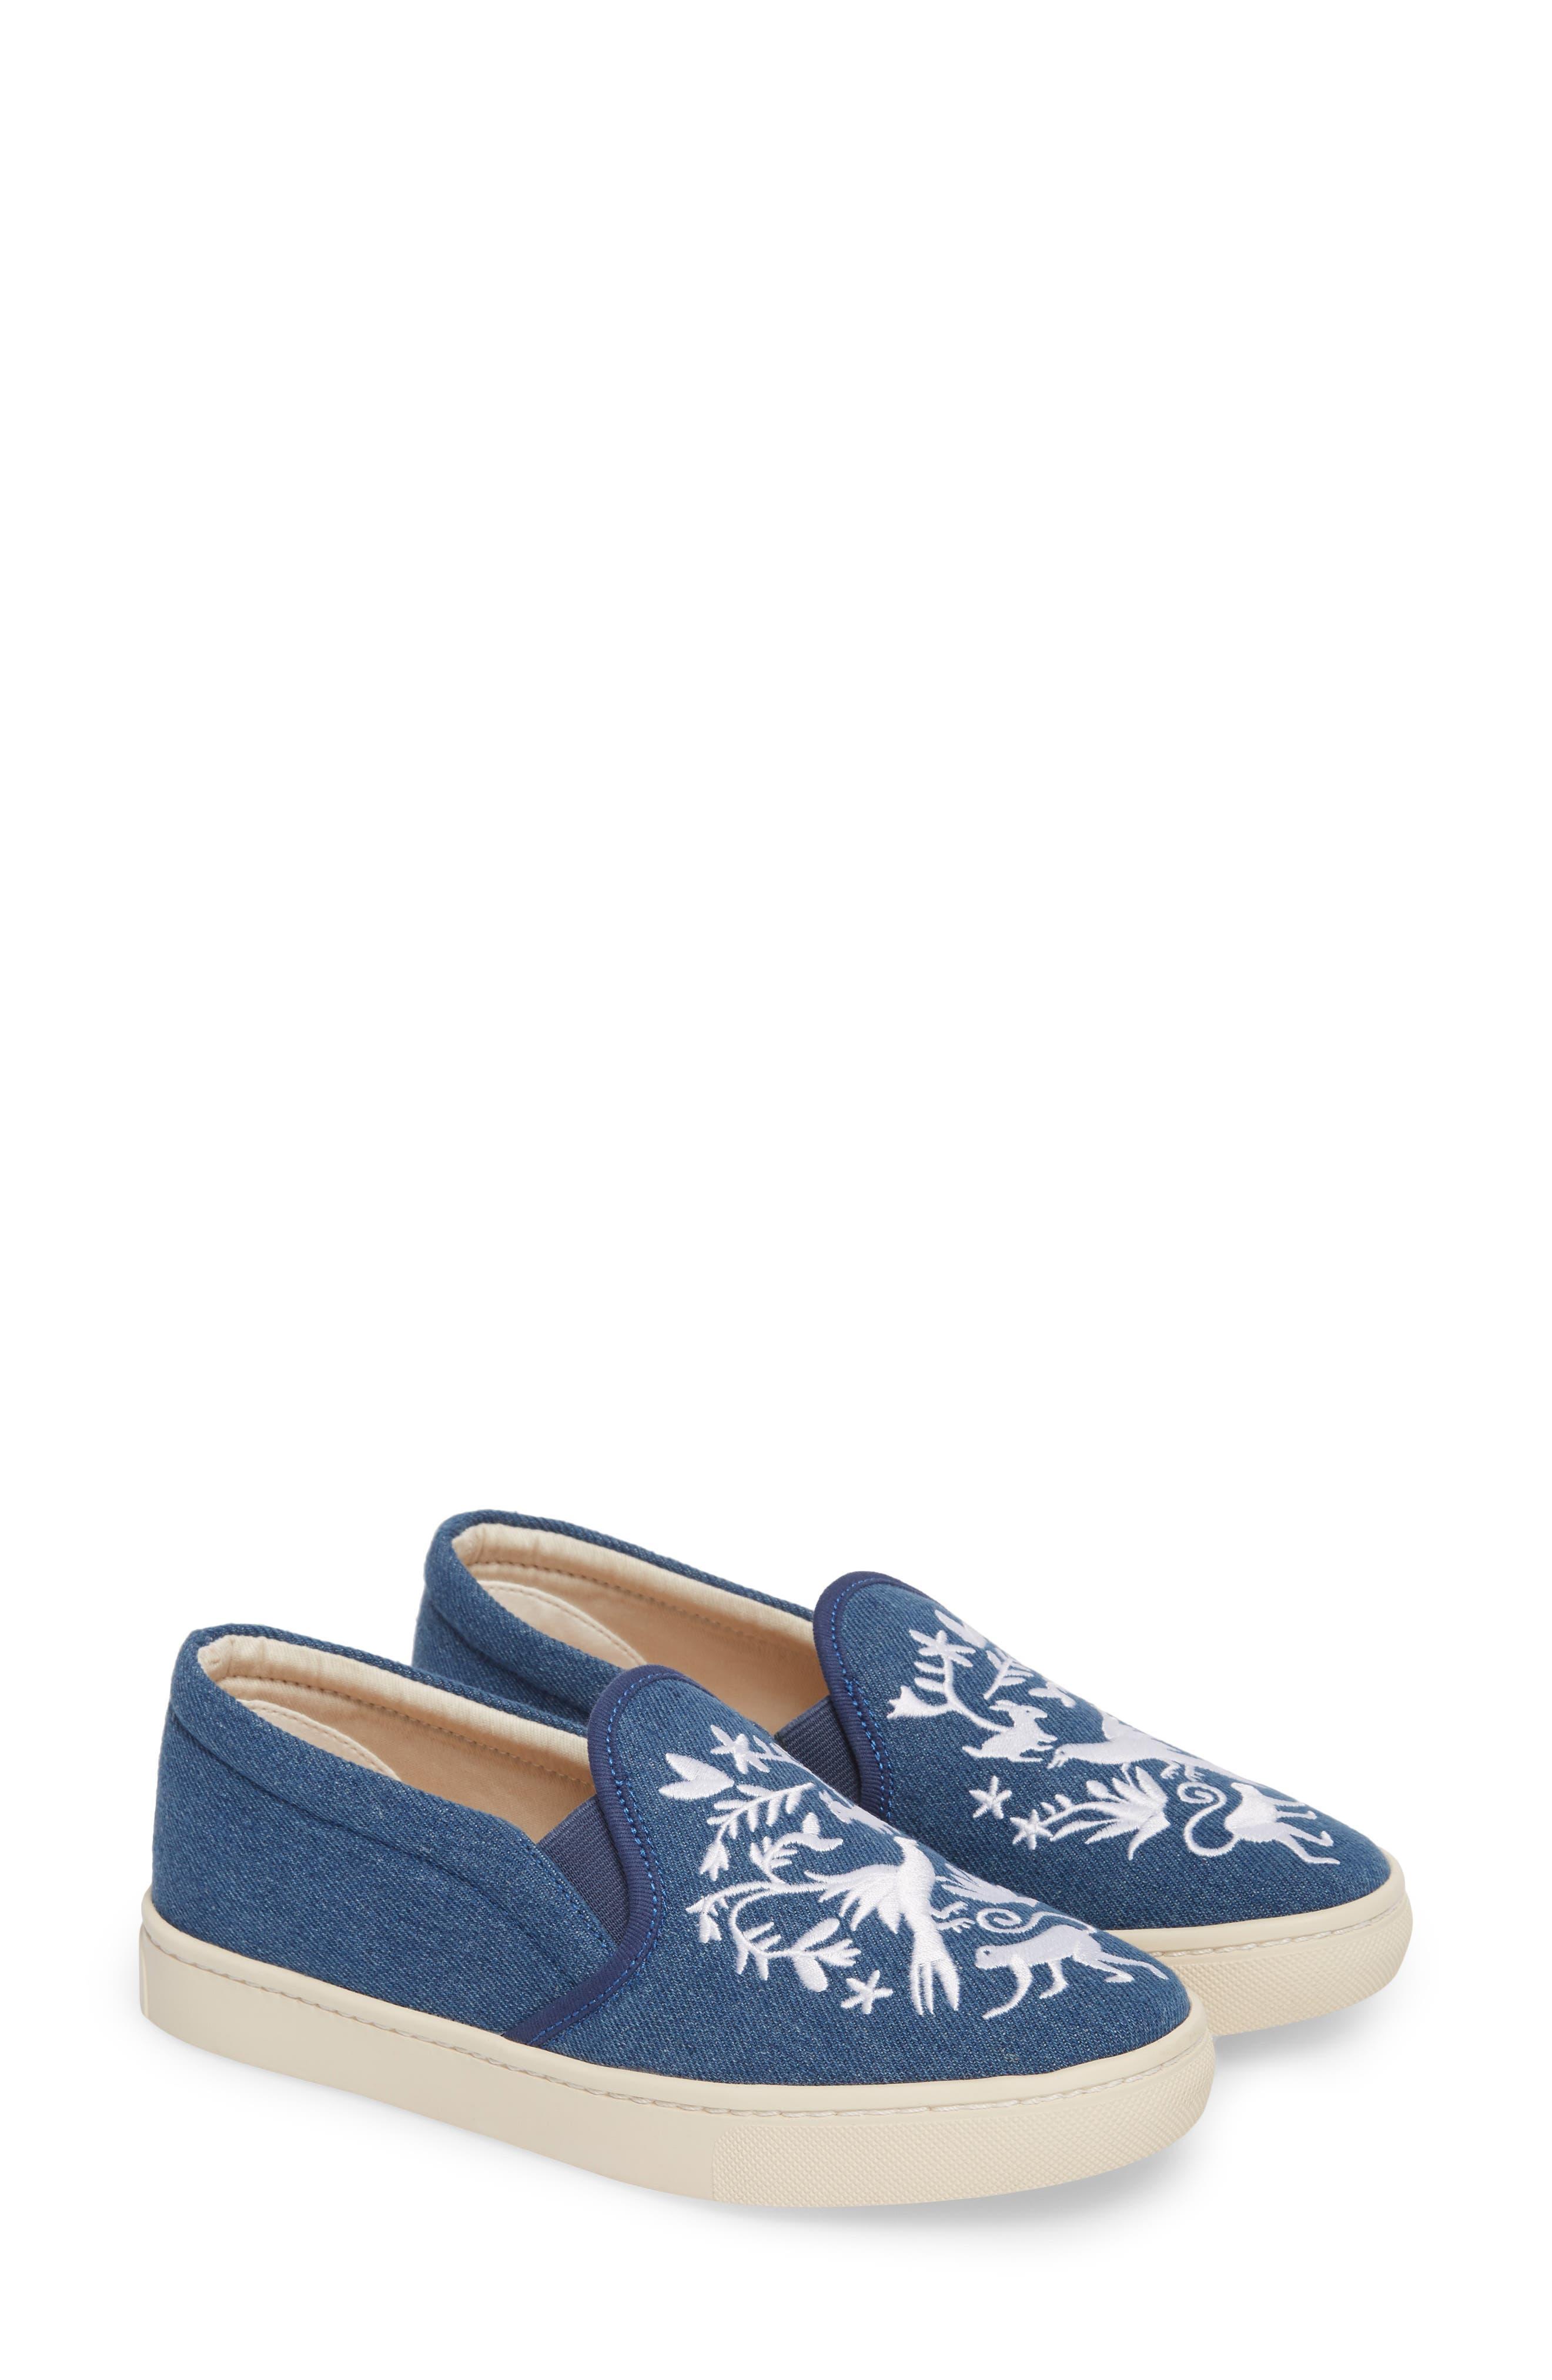 Otomi Slip-On Sneaker,                             Alternate thumbnail 2, color,                             Denim Fabric